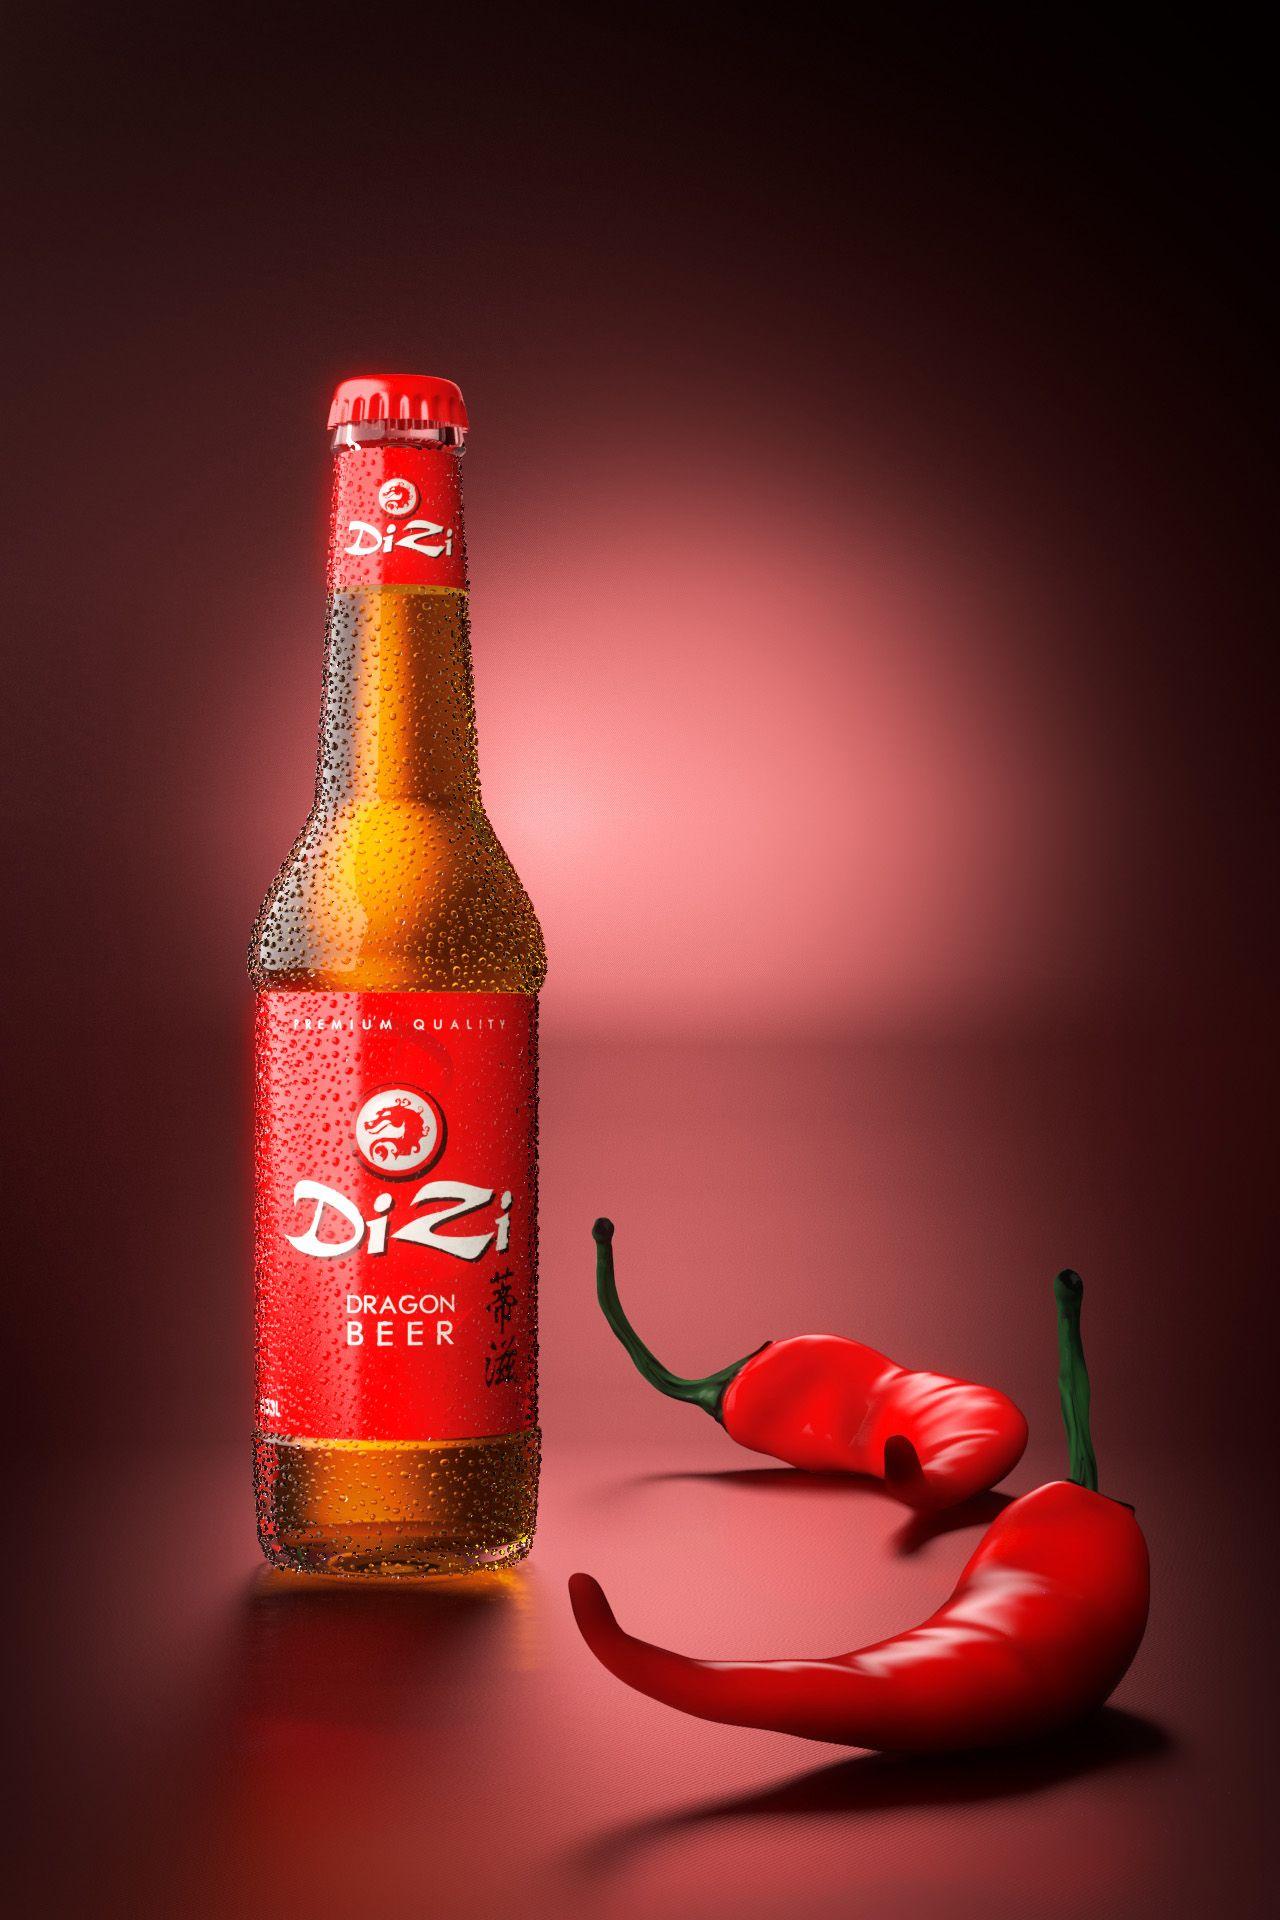 Dizi C2 1 Jpg 1280 1920 Chinese Beer Beer Brands Beer